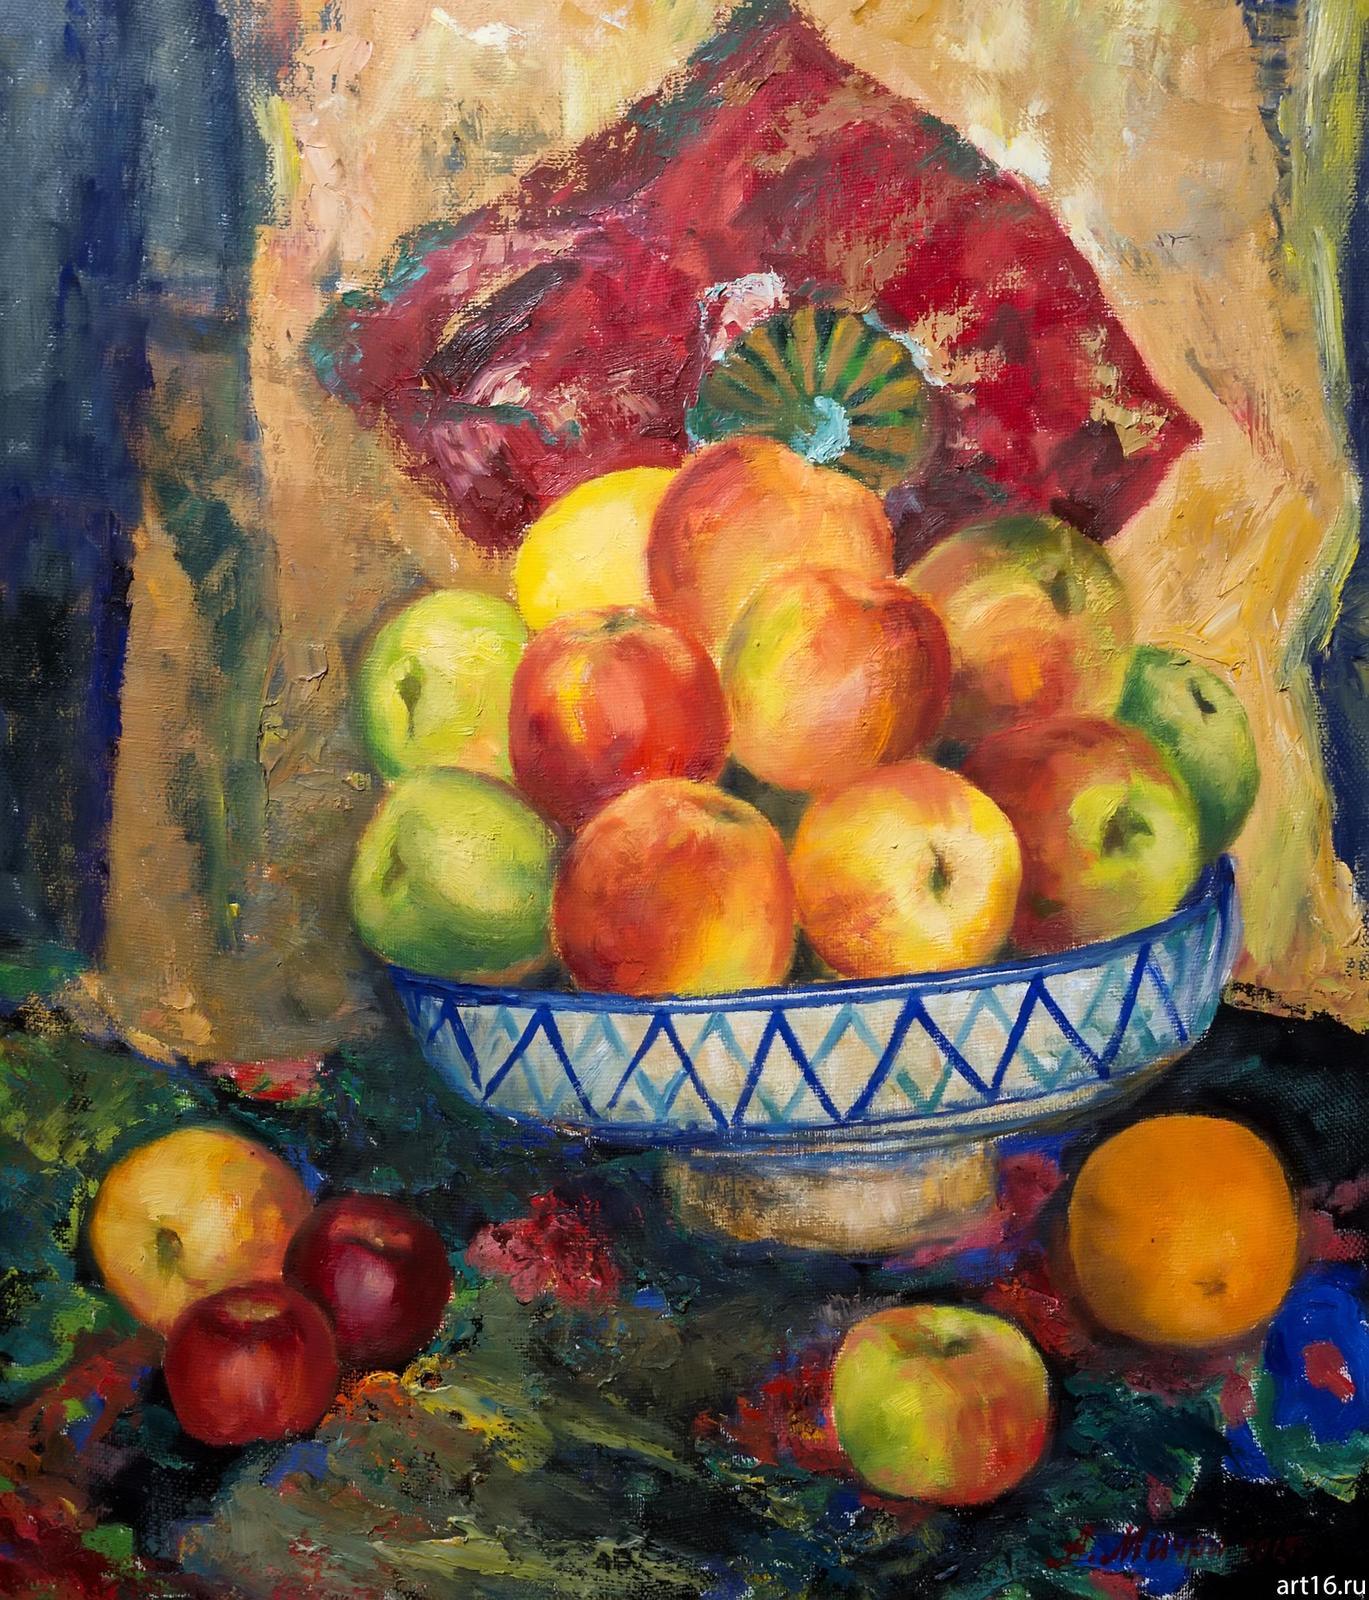 Фото №892954. Натюрморт с яблоками. Мичри А.И. 1934